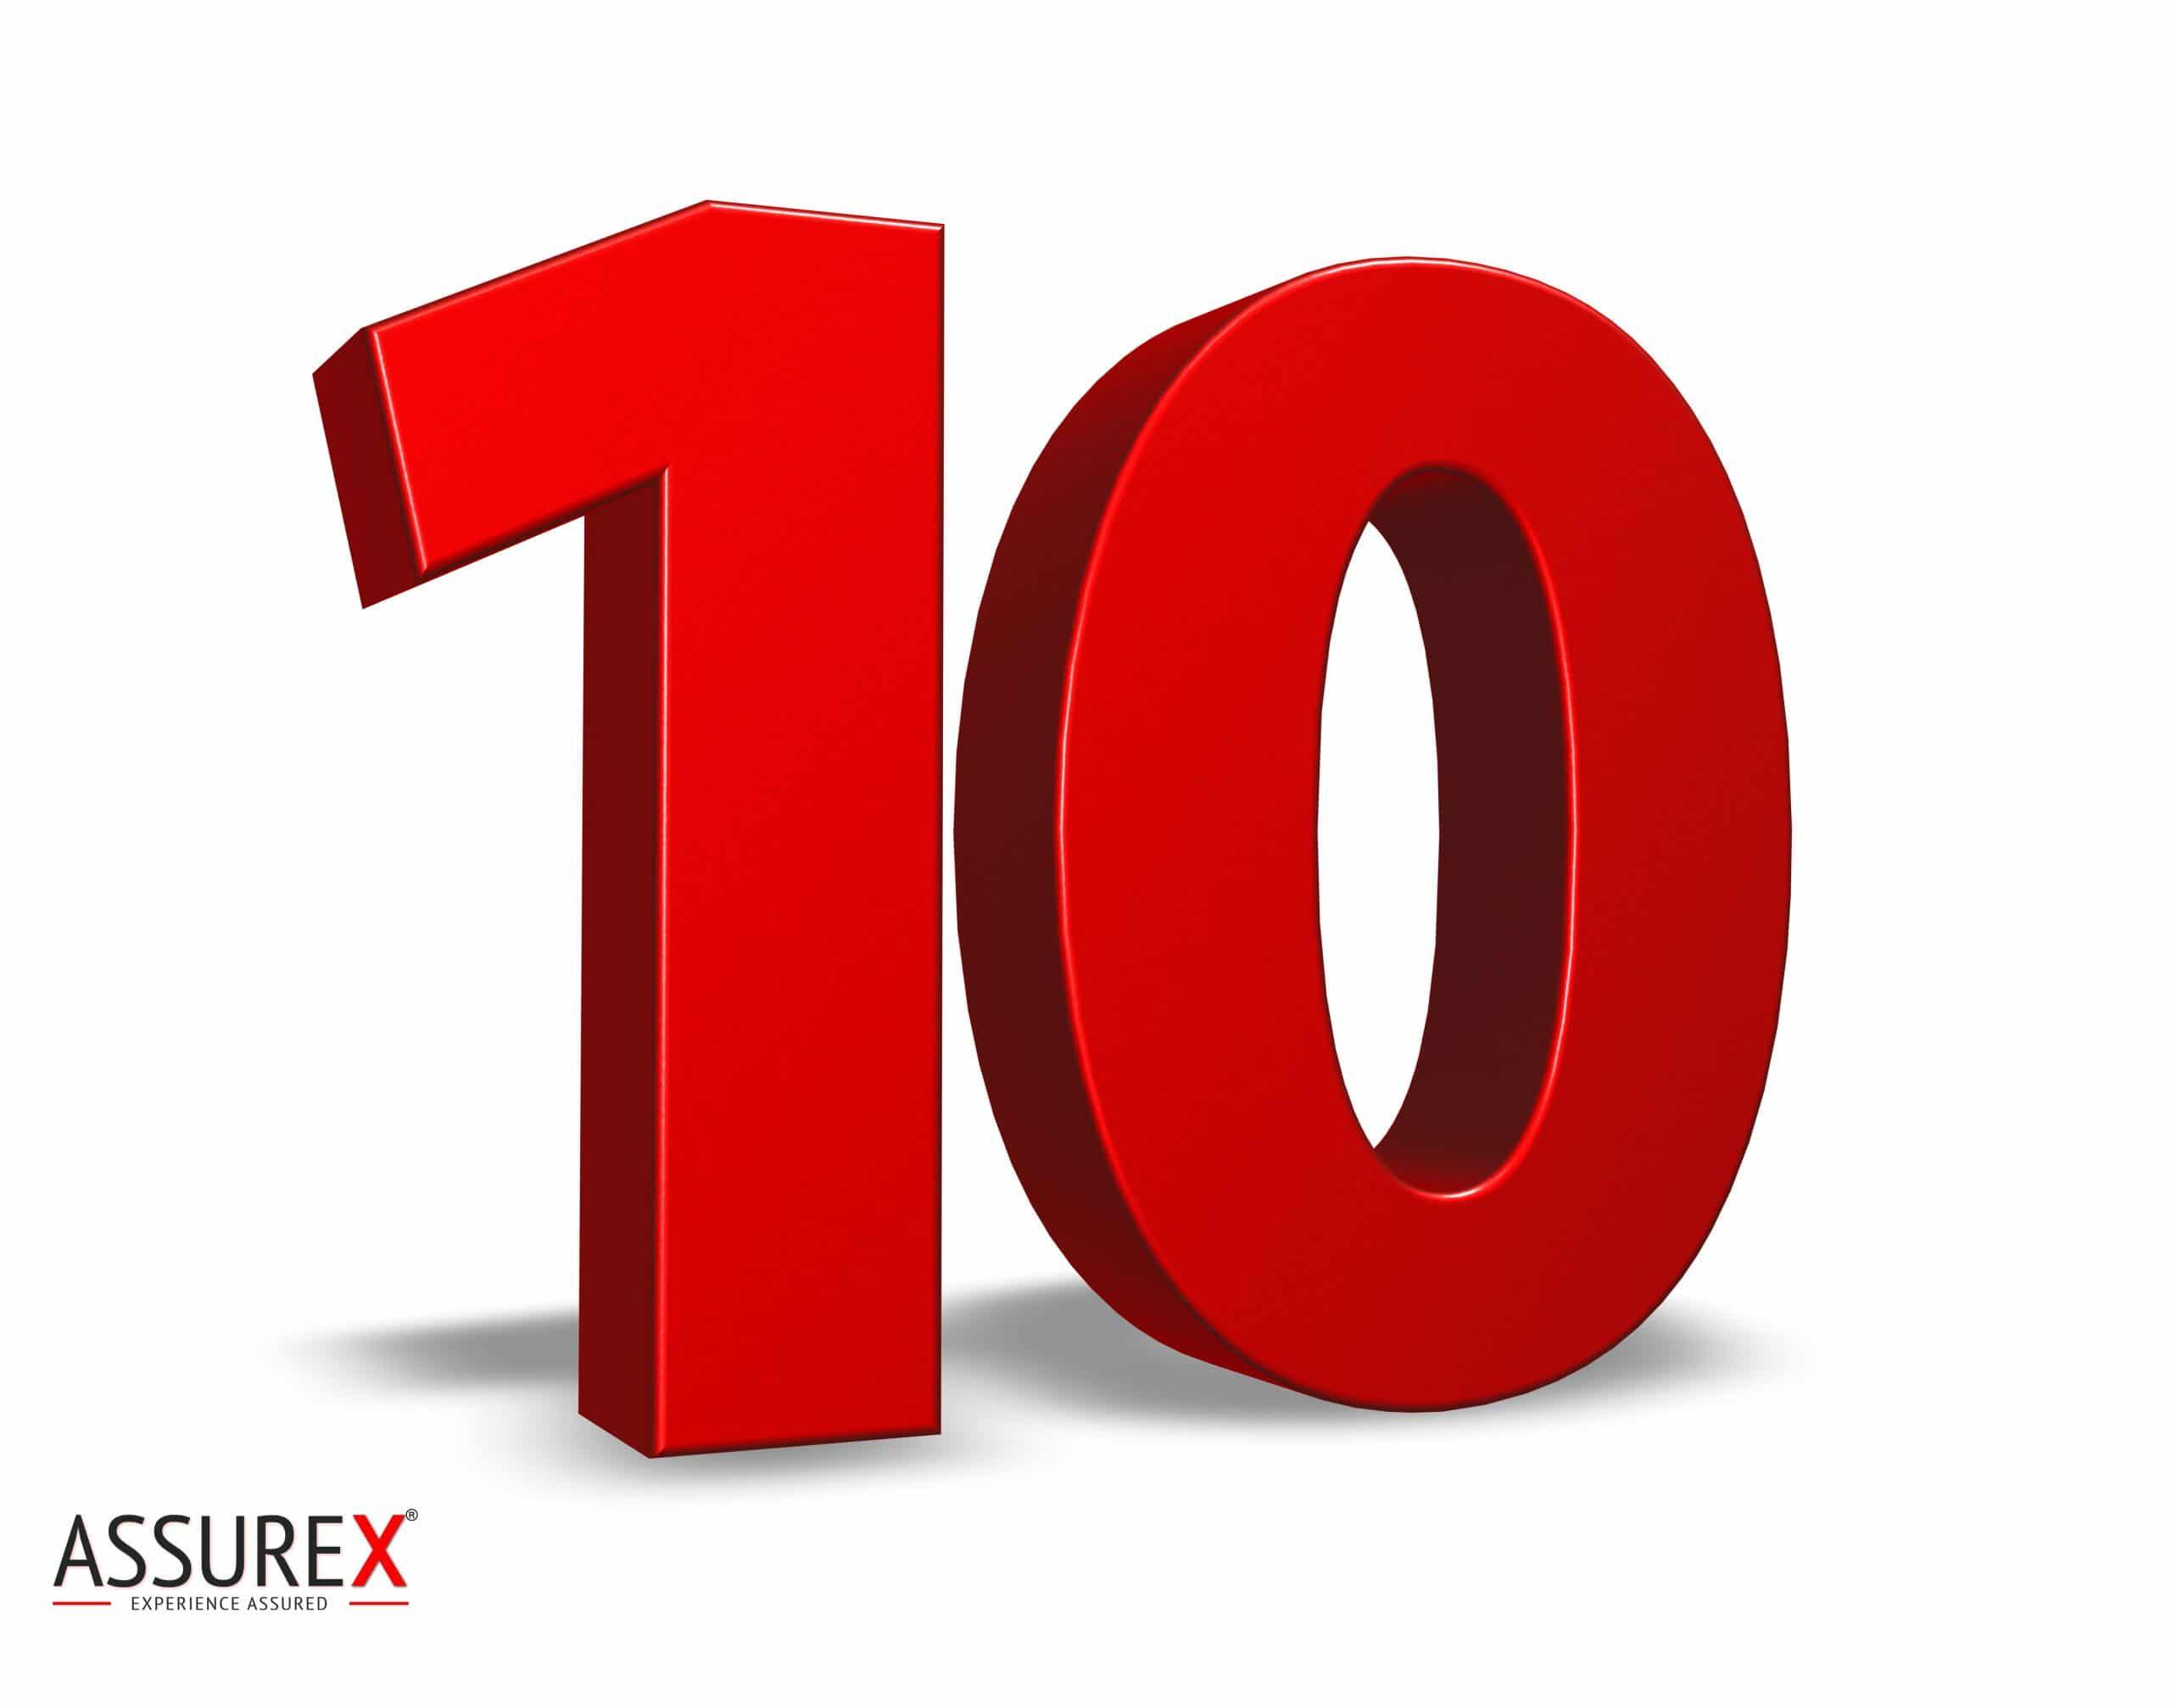 Assurex-10